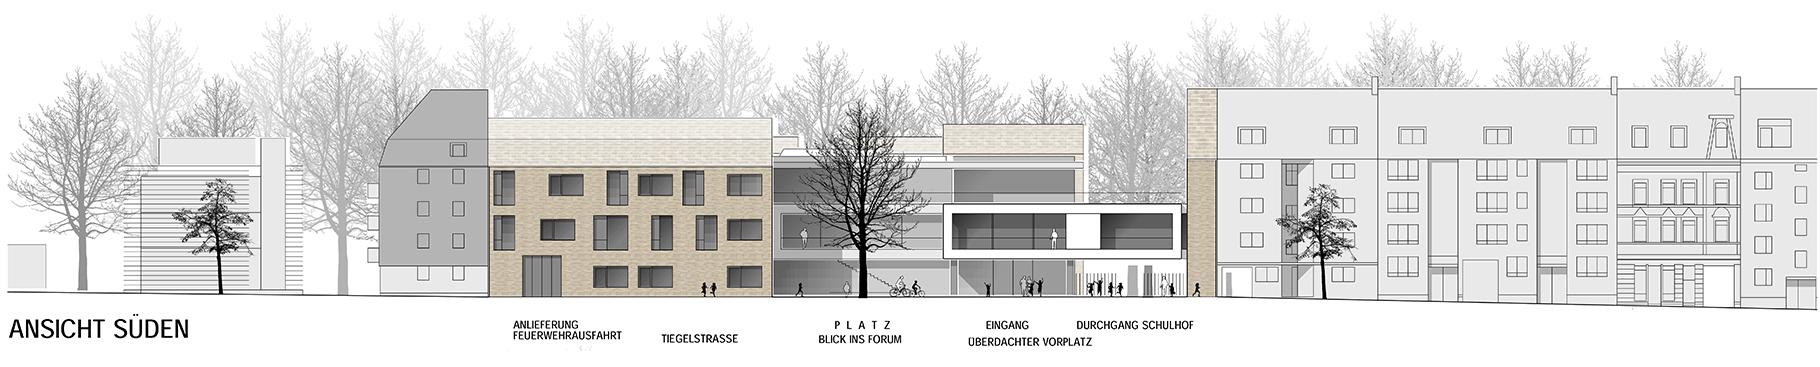 Anerkennung im Wettbewerb Neubau Tiegelschule Essen, ansicht Süd